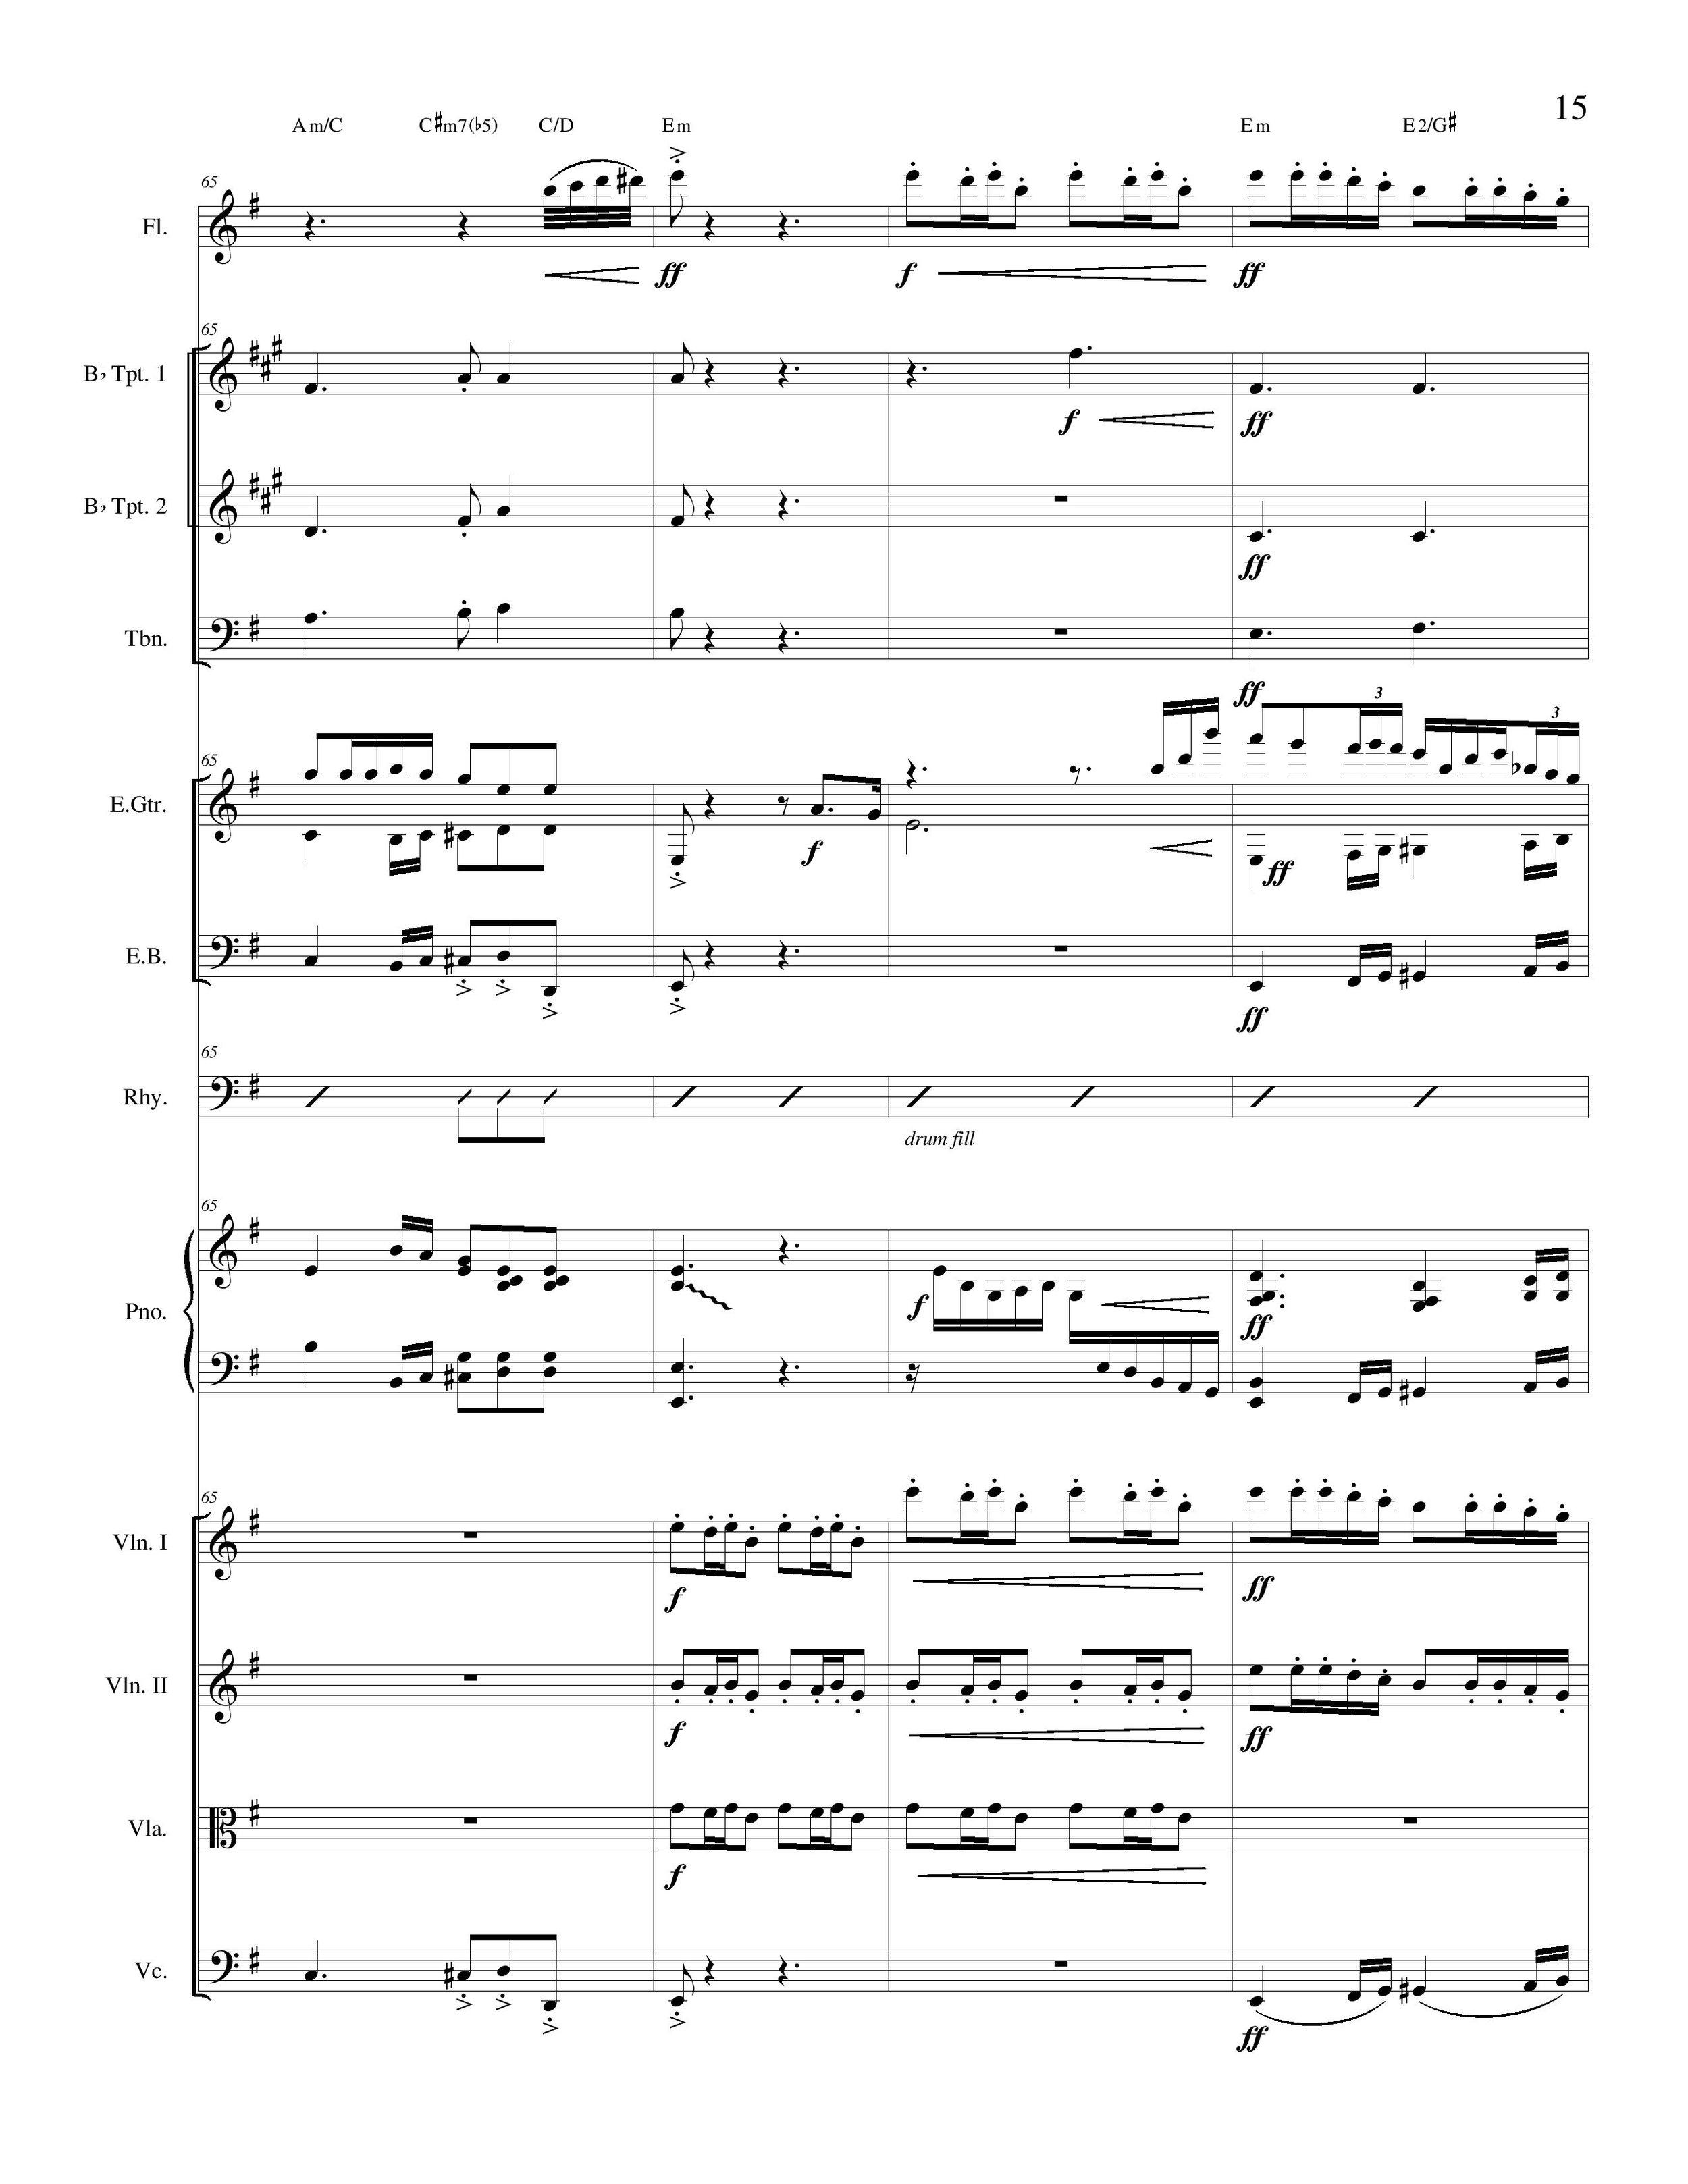 Christmas Overture - Score_15.jpg